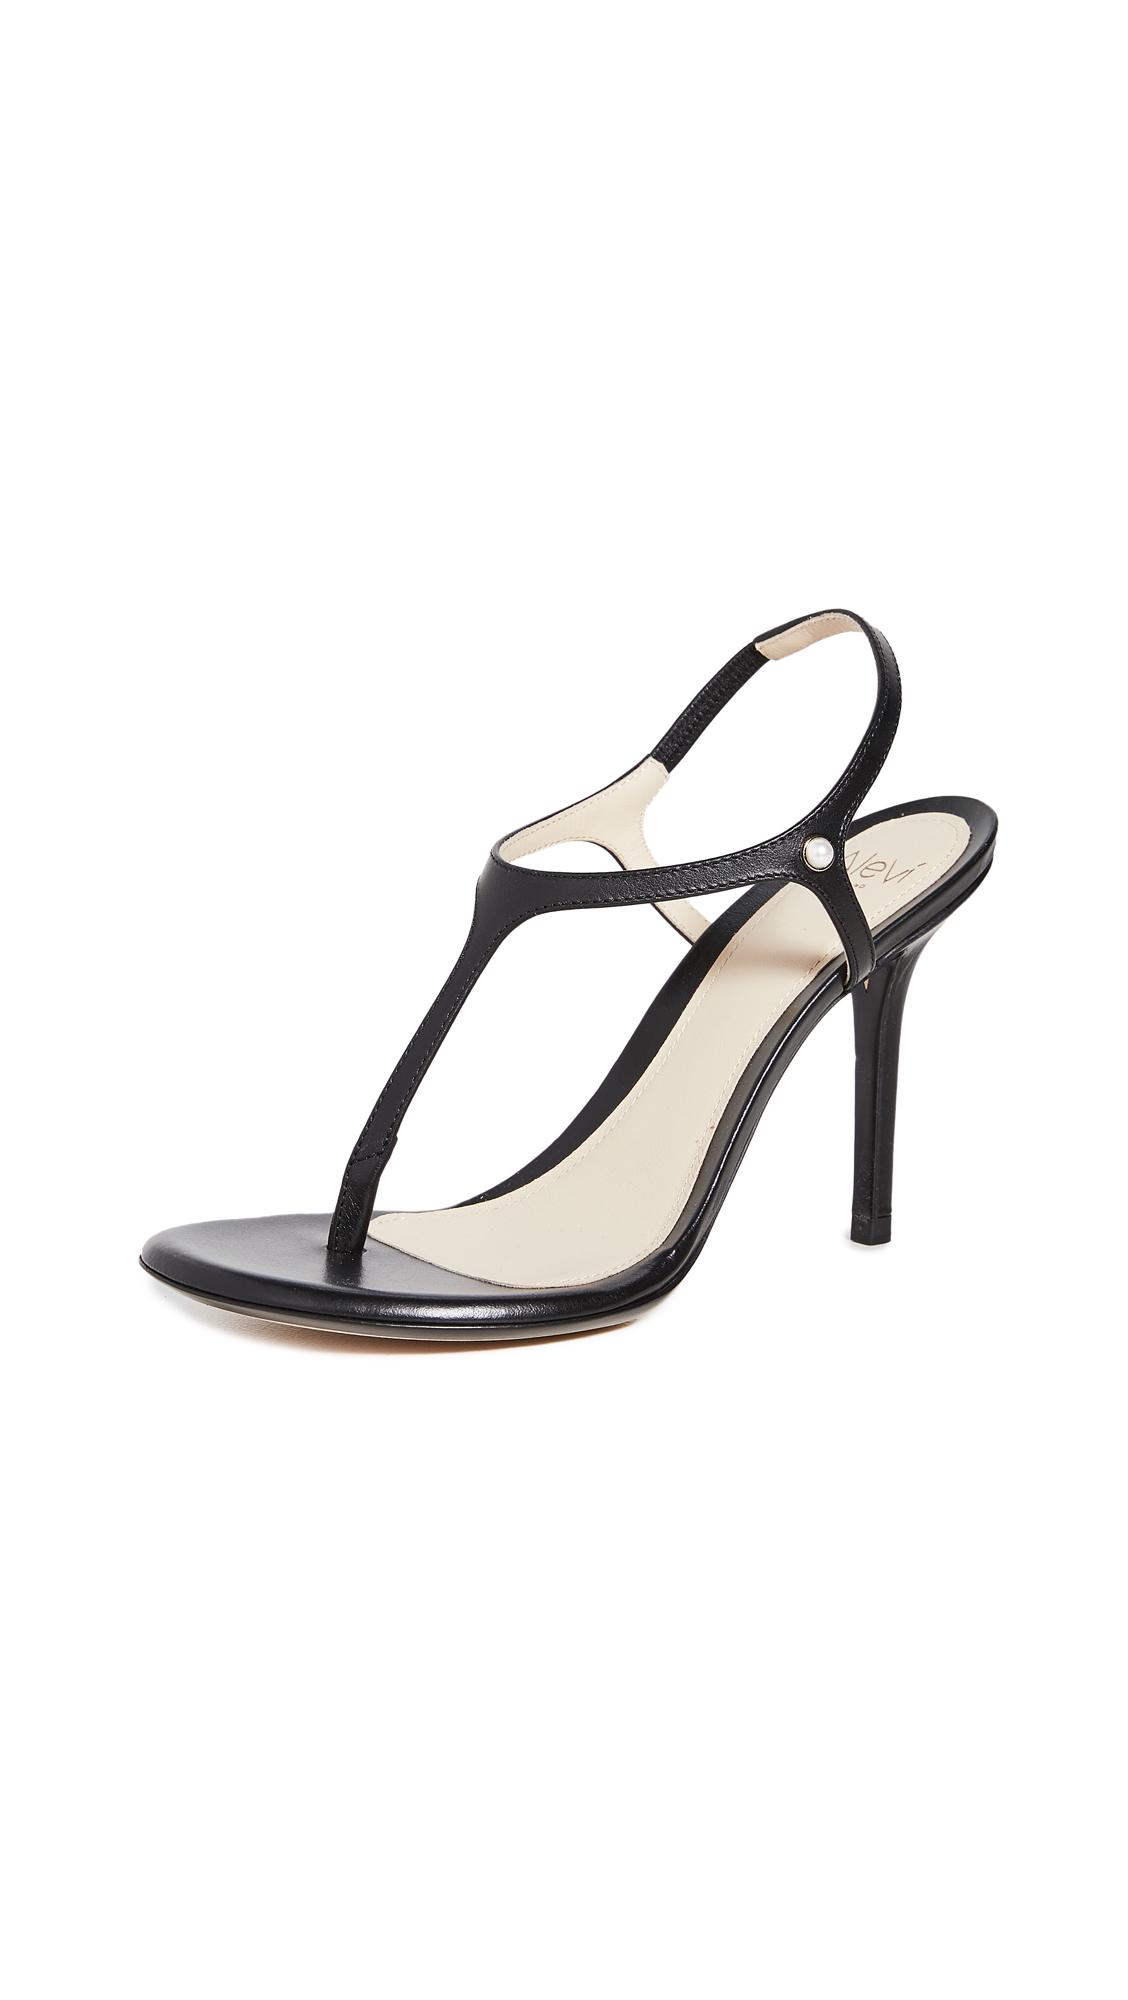 Buy Alevi Milano Roxy Sandals online, shop Alevi Milano